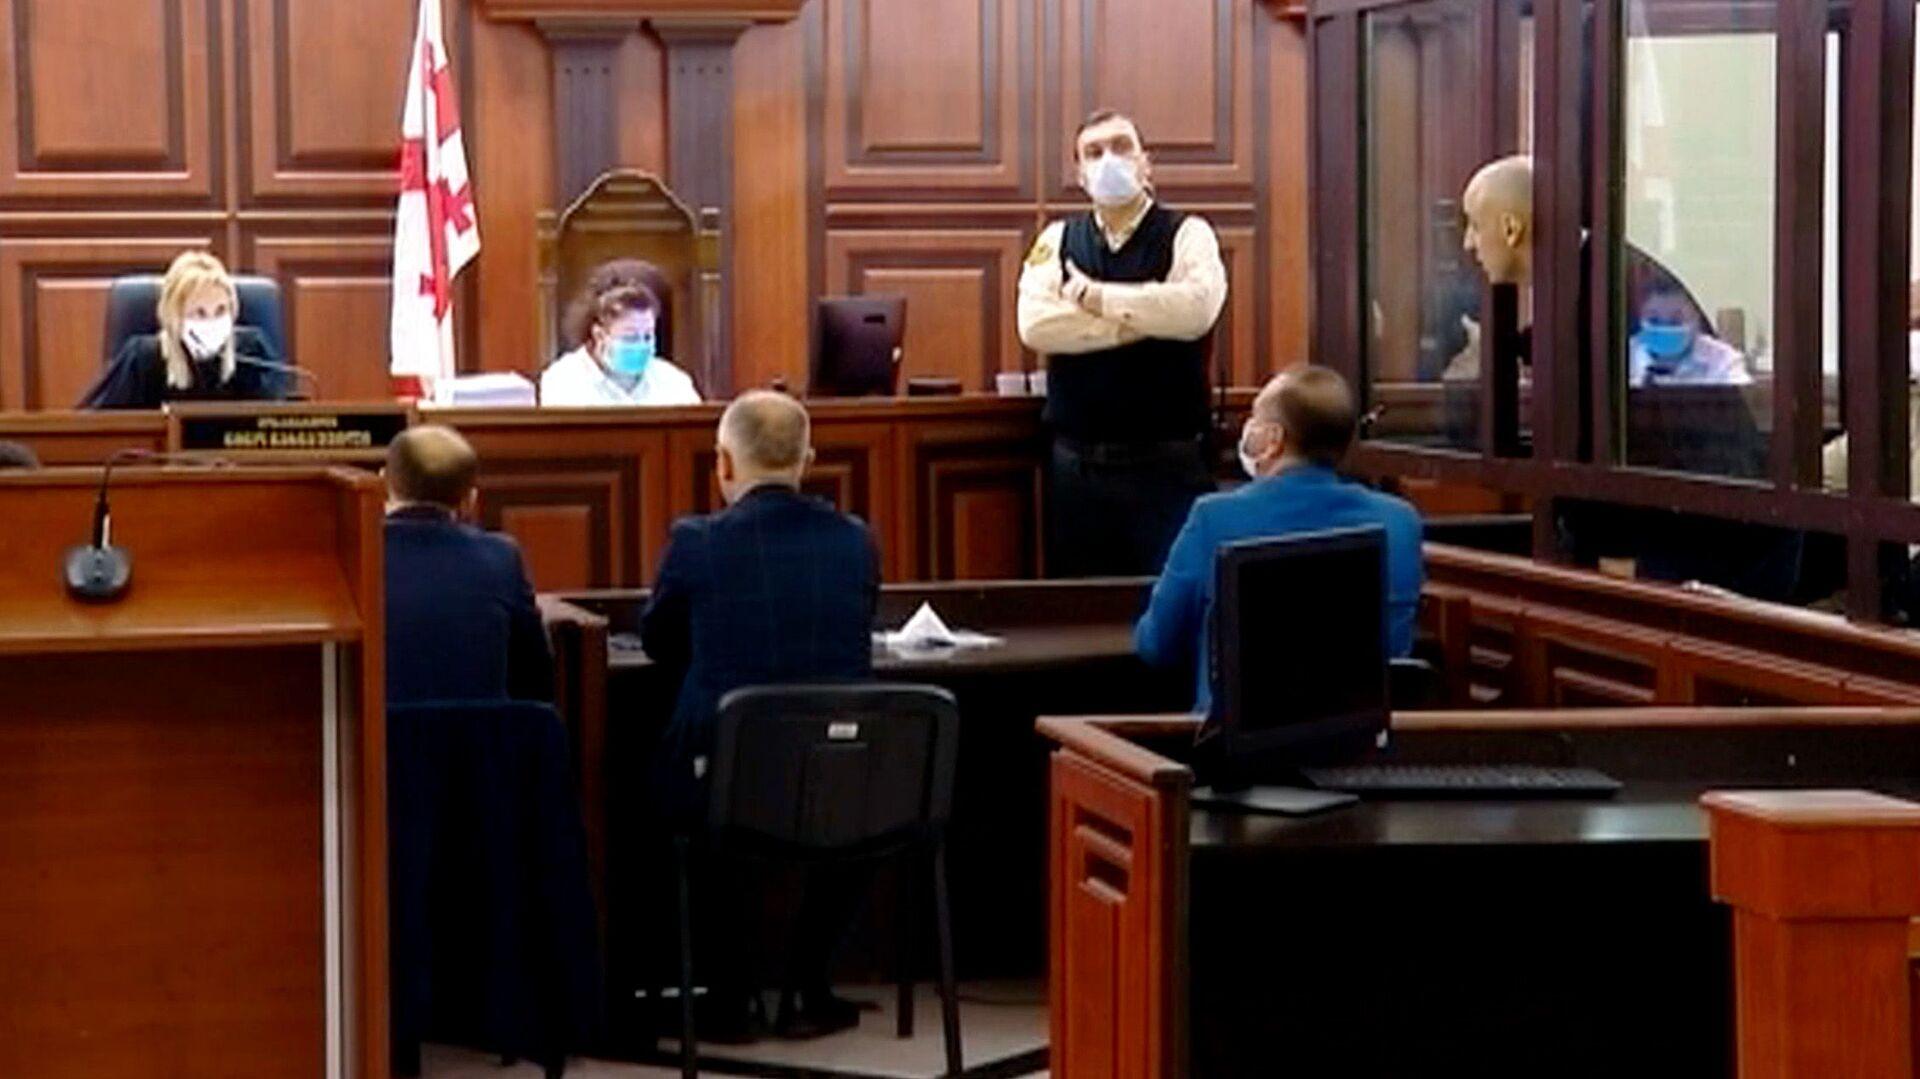 Ника Мелия на судебном процессе в Тбилисском городском суде 13 апреля 2021 года - Sputnik Грузия, 1920, 09.09.2021